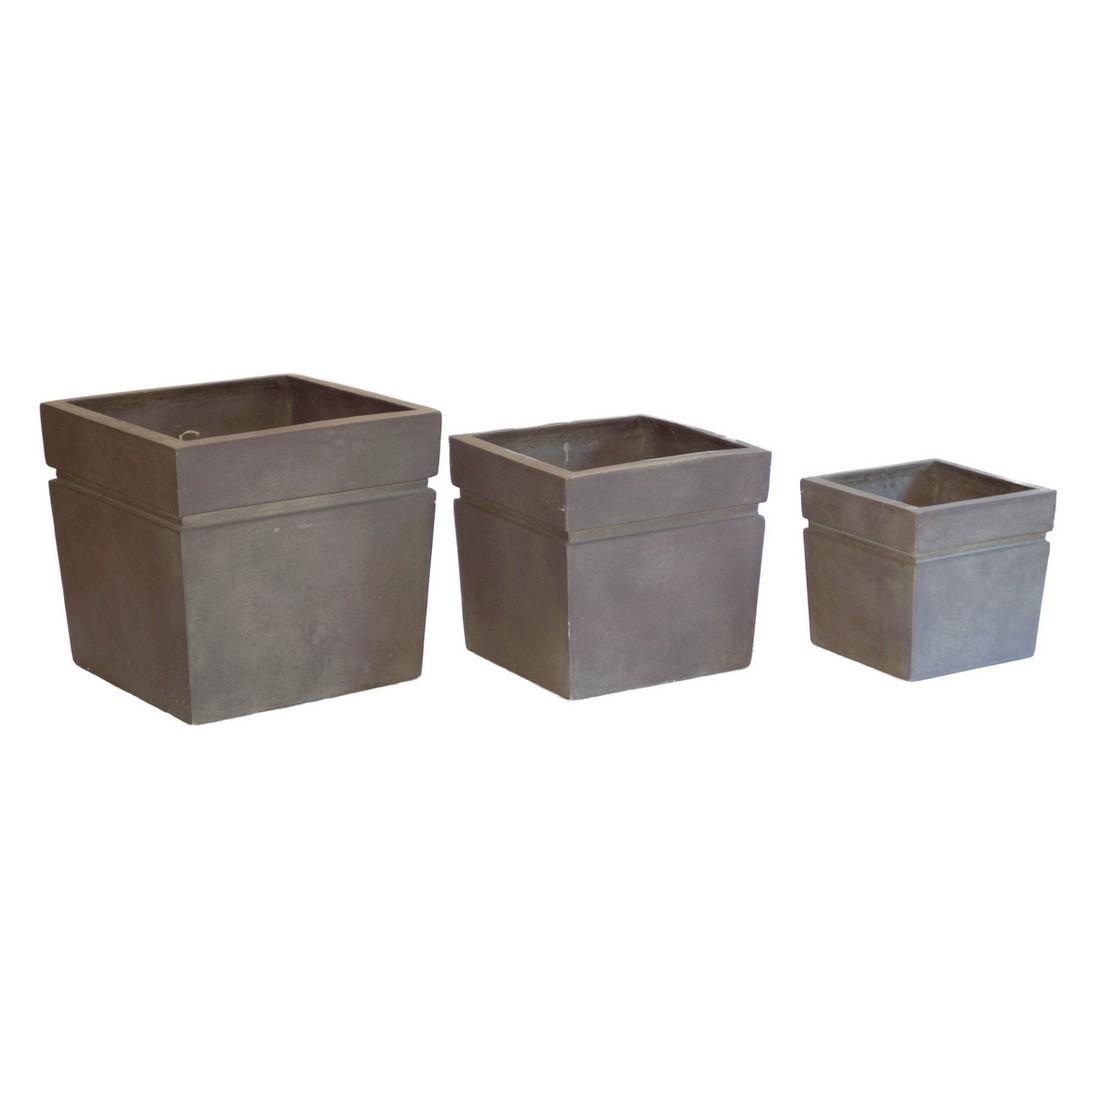 pflanzk bel cappuccino kunststoff modern eckig mittel. Black Bedroom Furniture Sets. Home Design Ideas